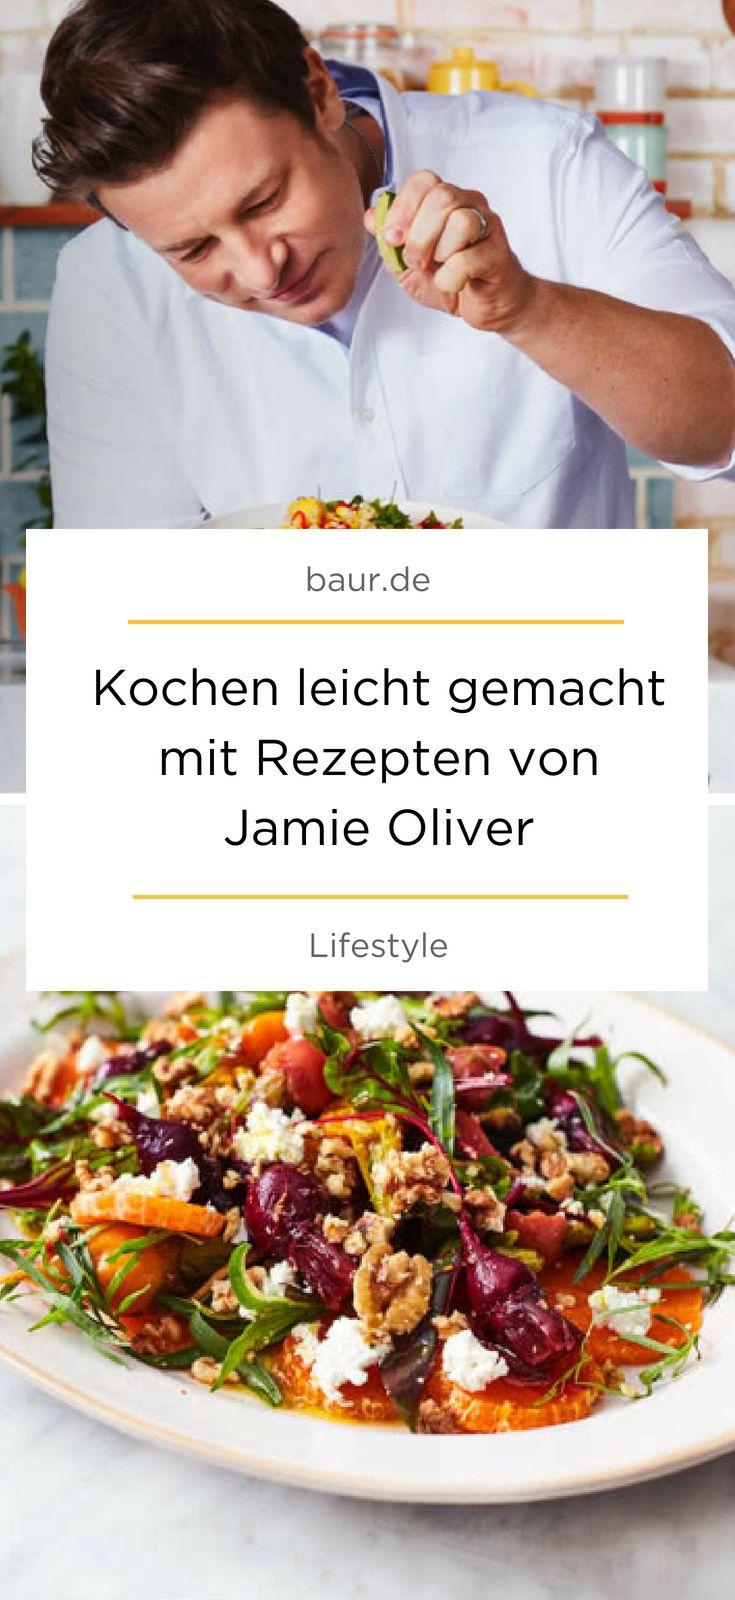 Kochen Leicht Gemacht Mit Rezepten Von Jamie Oliver Baur In 2020 Rezepte Gesund Kochen Rezepte Koch Mit Oliver Rezepte